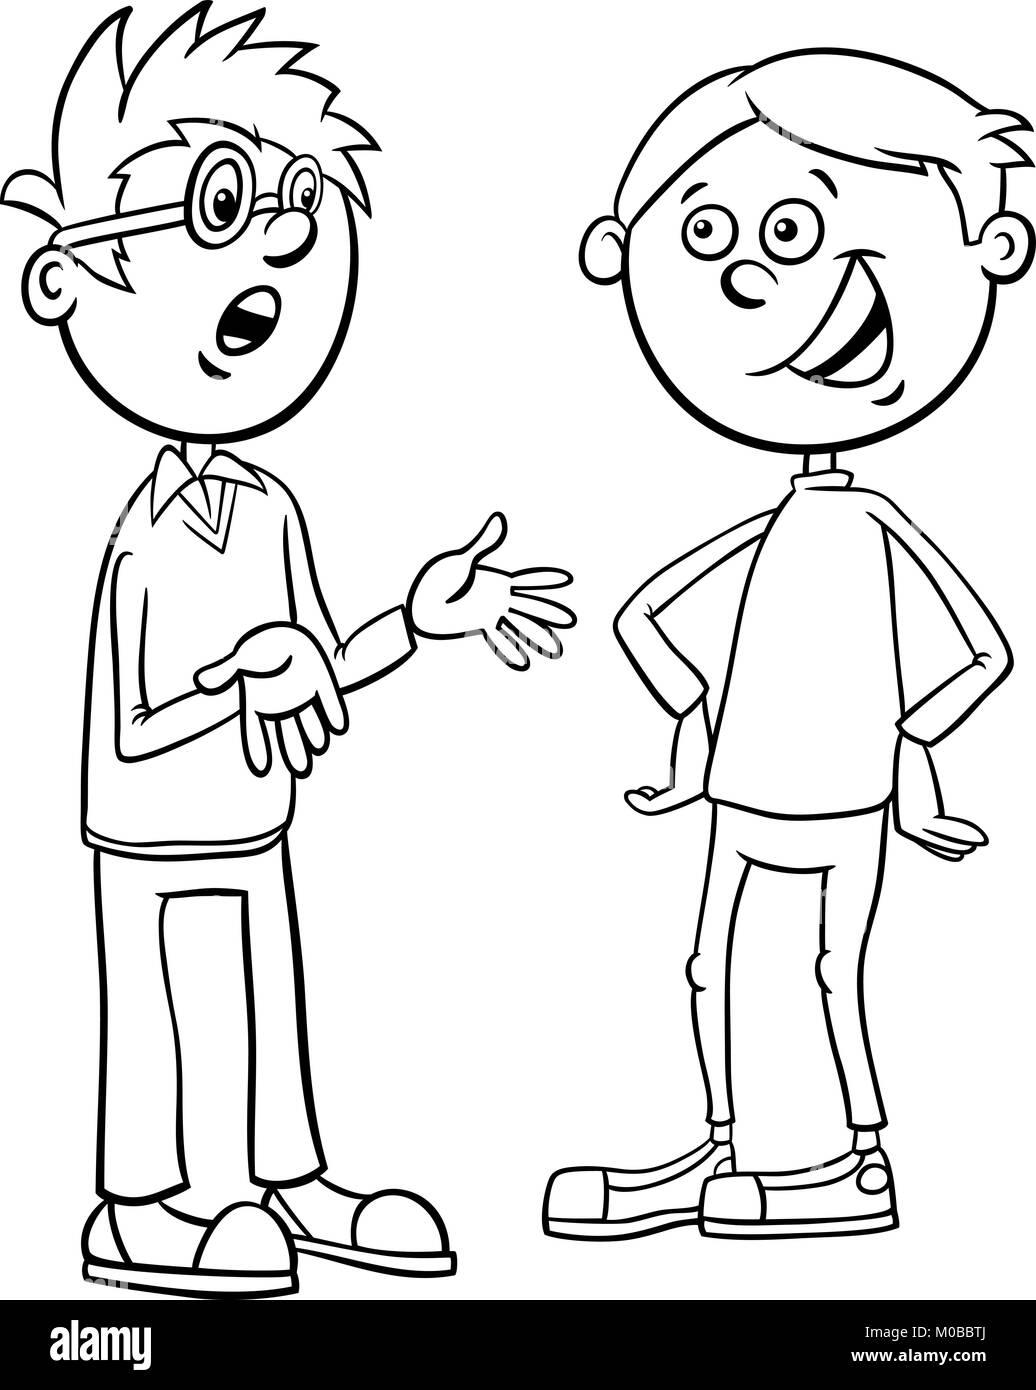 Schwarze und Weiße Cartoon Illustration im Grundschulalter oder ...